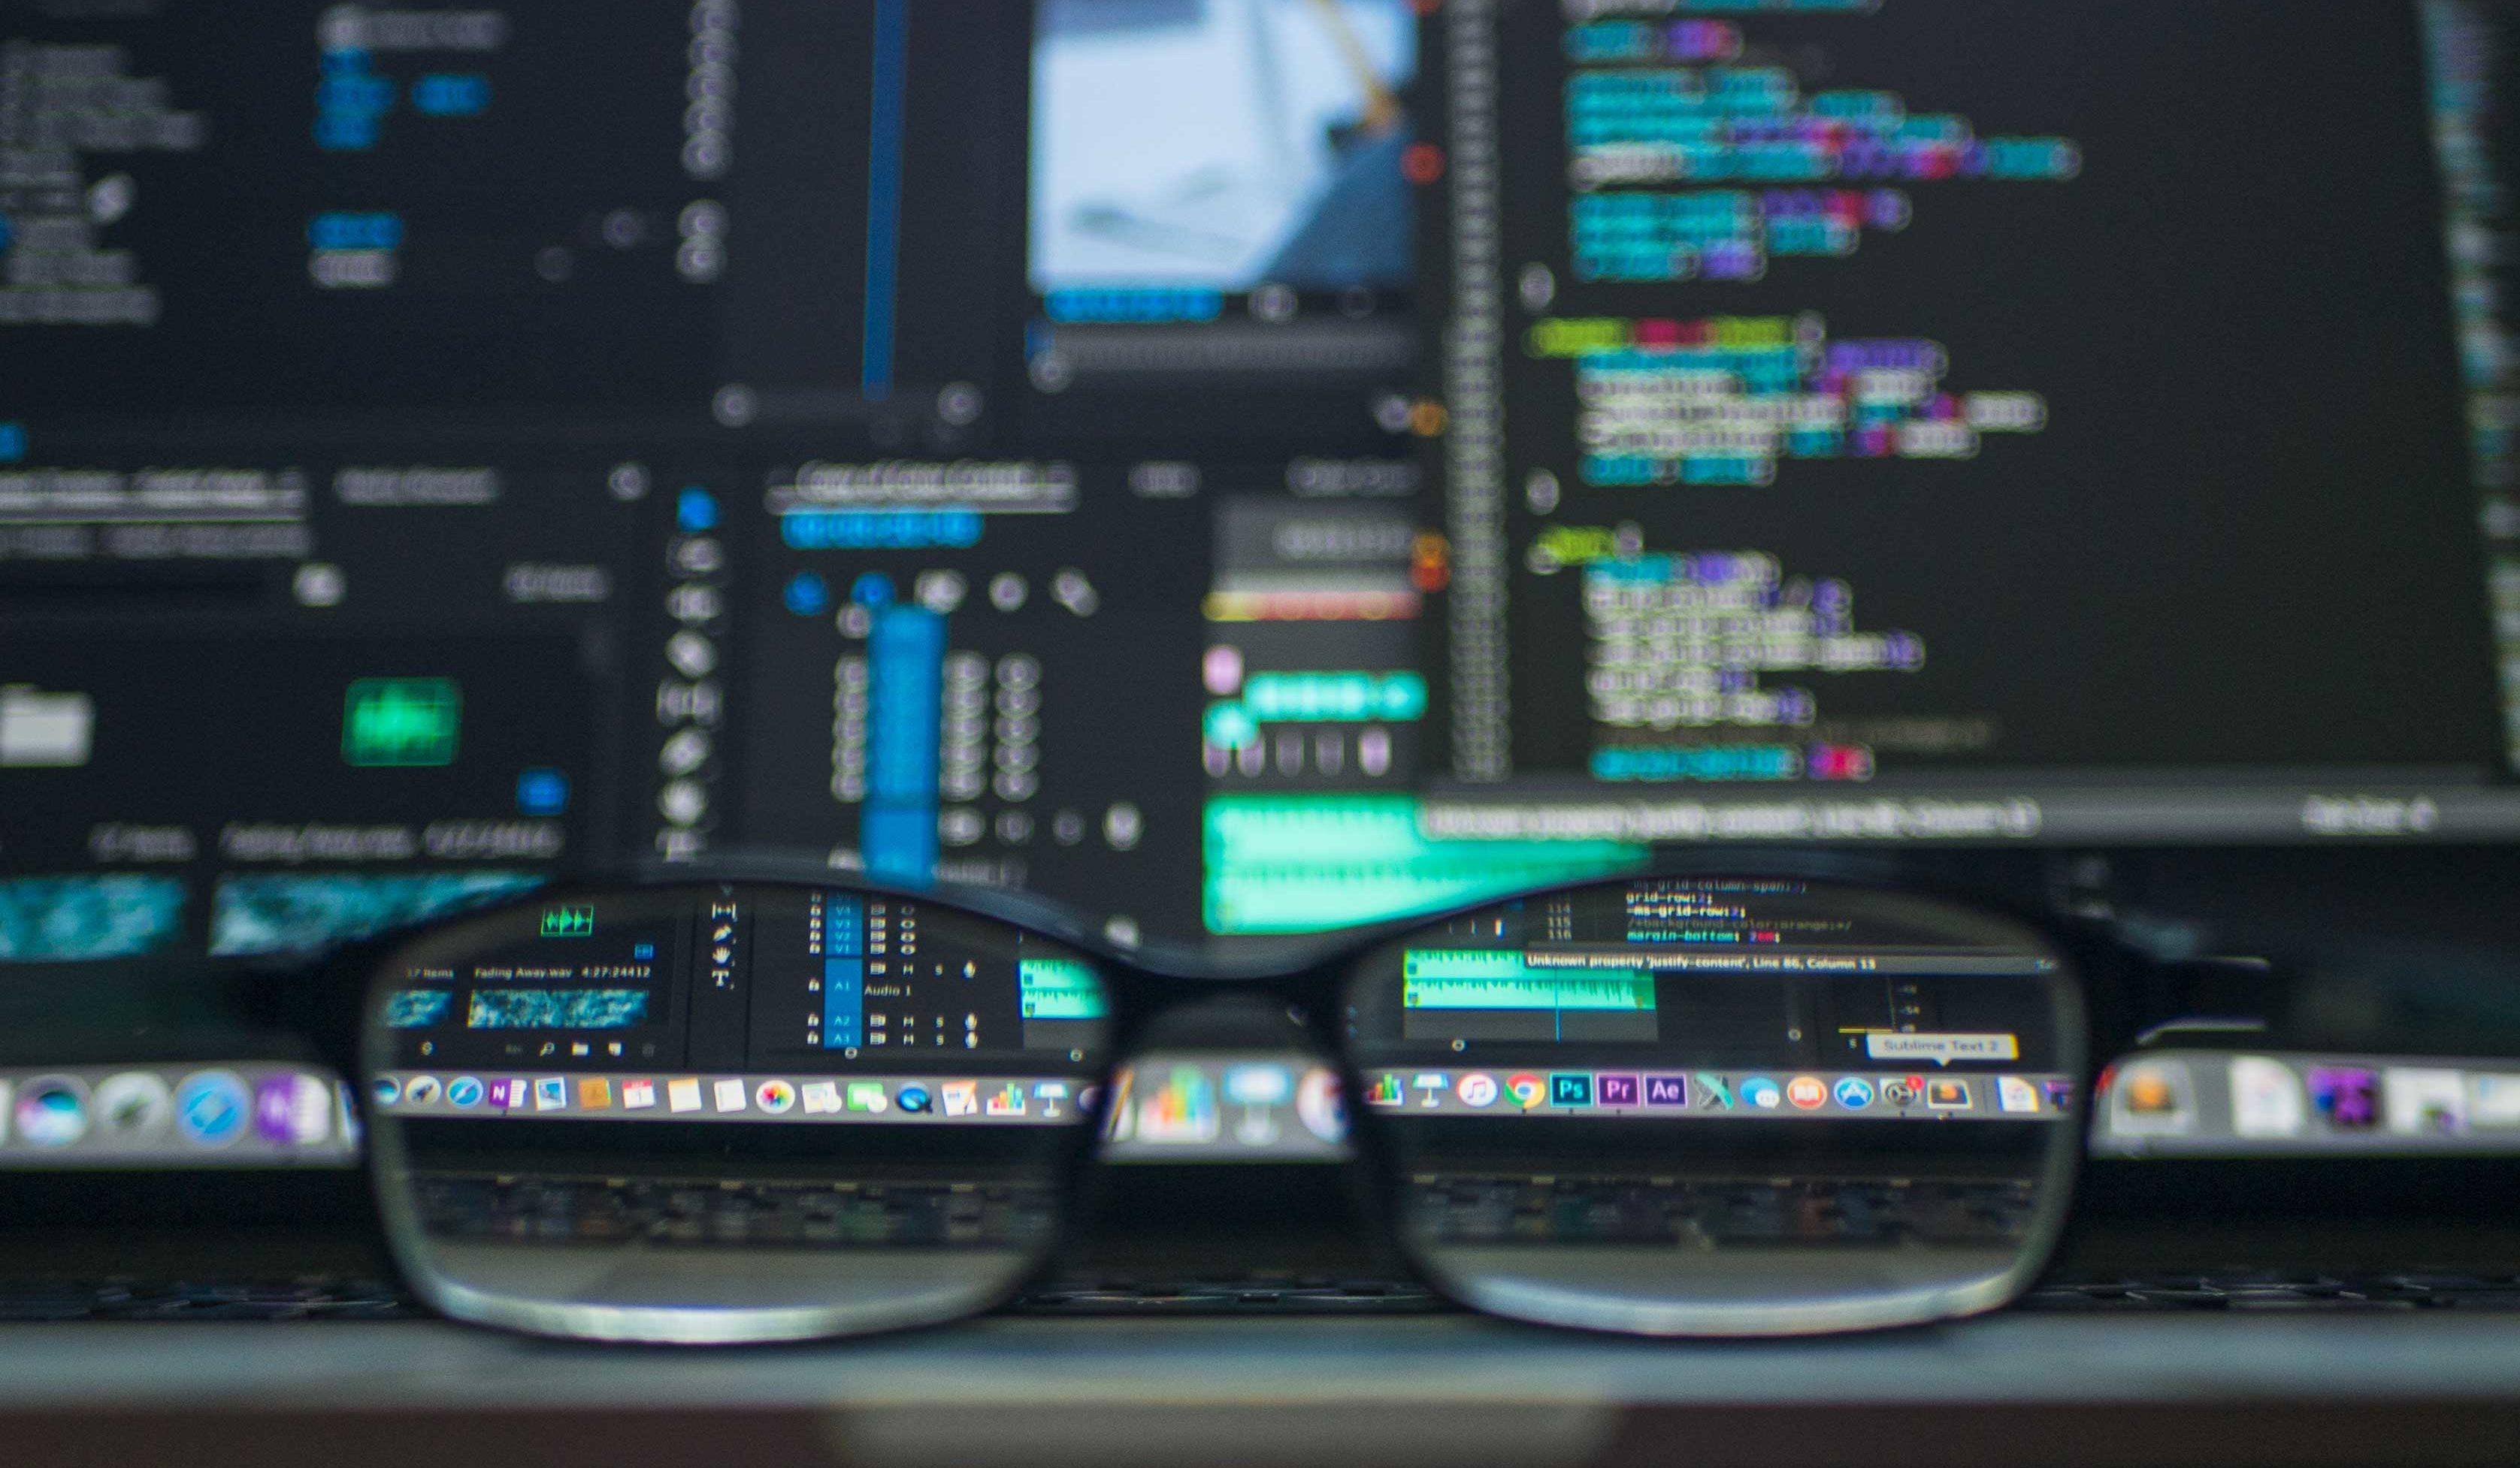 IRS Data Retrieval Tool for FAFSA - Home